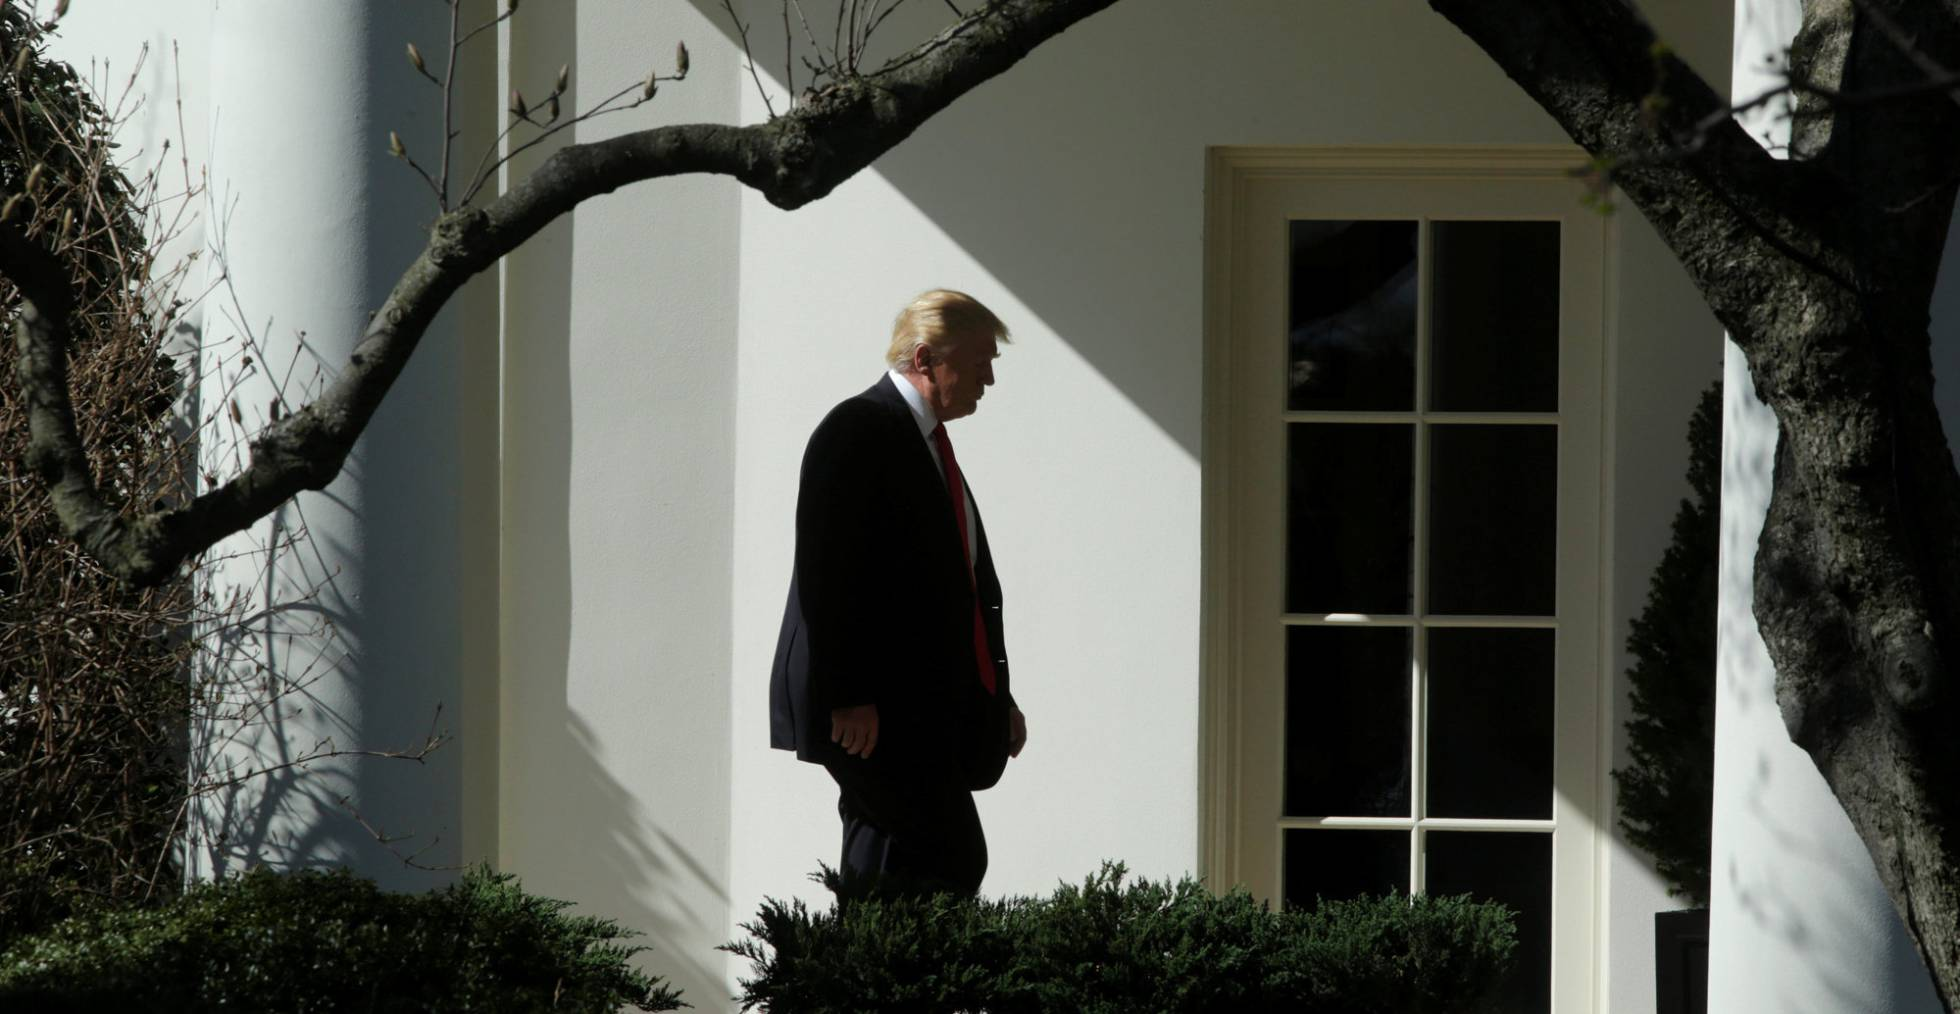 Donald Trump a caminho do Salão Oval (Foto: Yuri Gripas/Reuters)